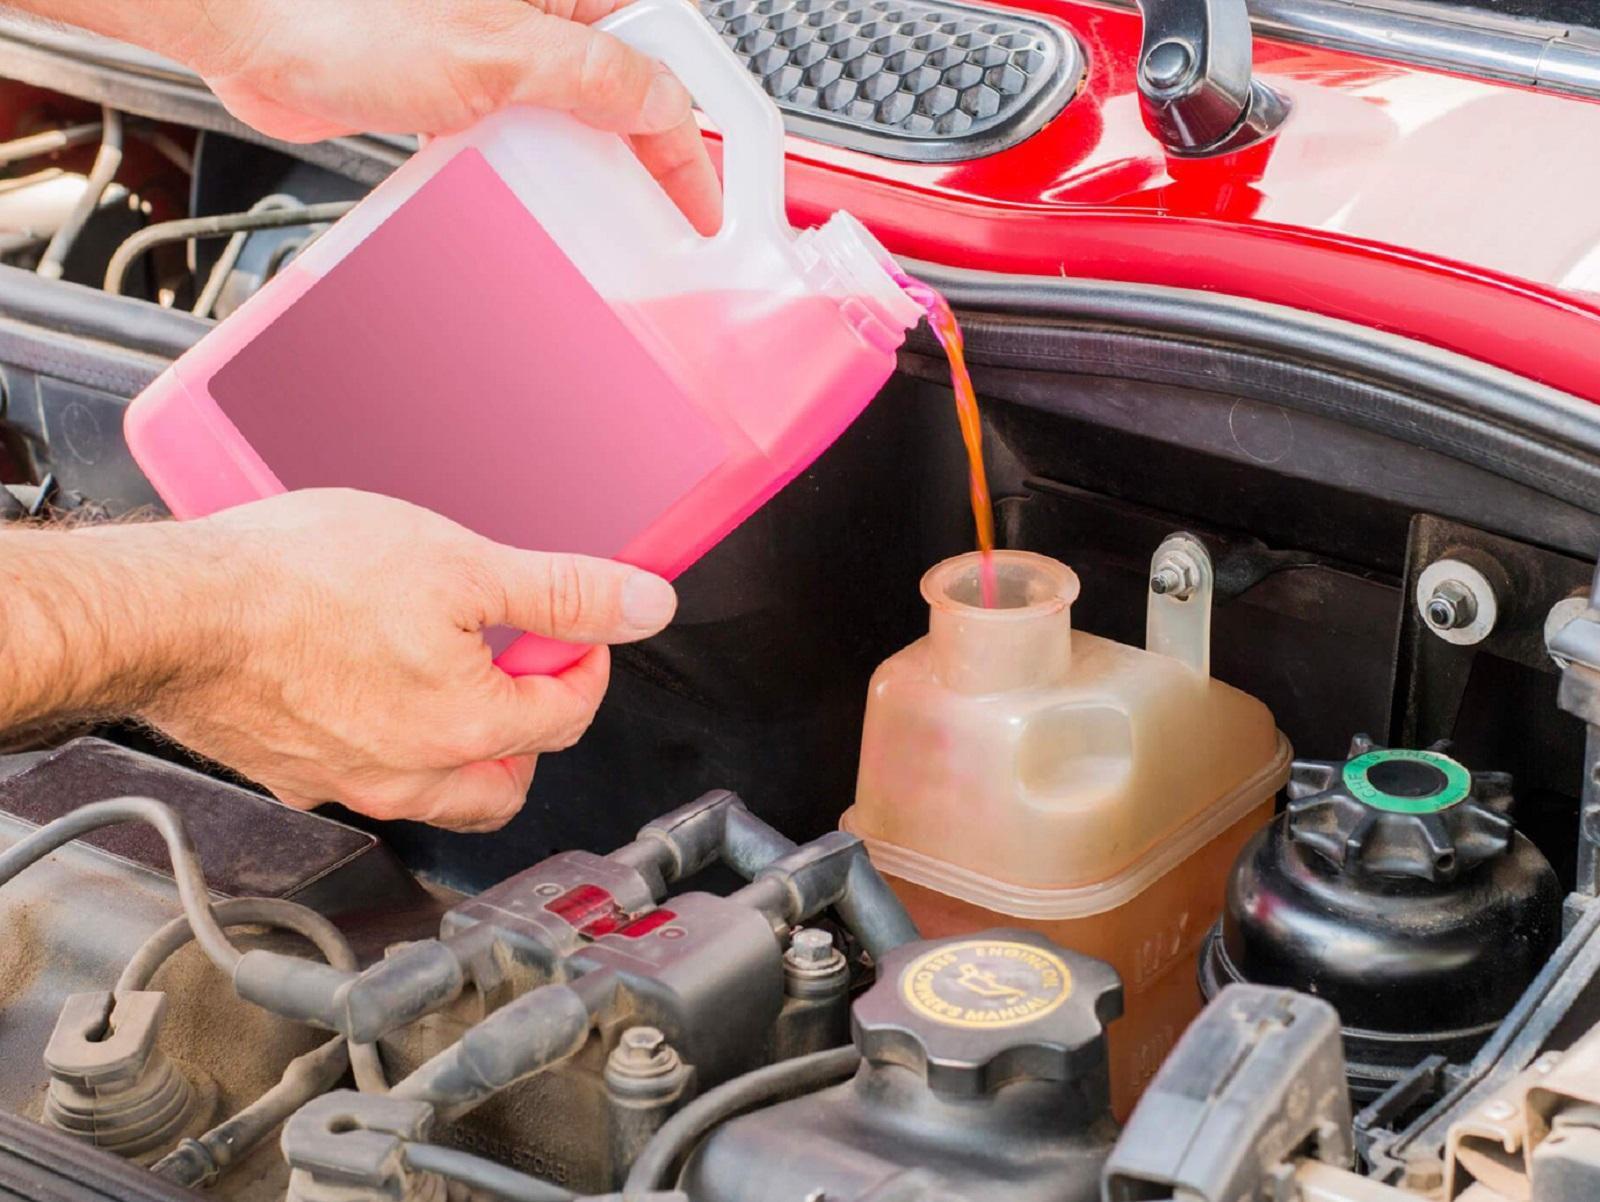 Nước làm mát và những lưu ý để bảo dưỡng xe cuối năm Ảnh 1